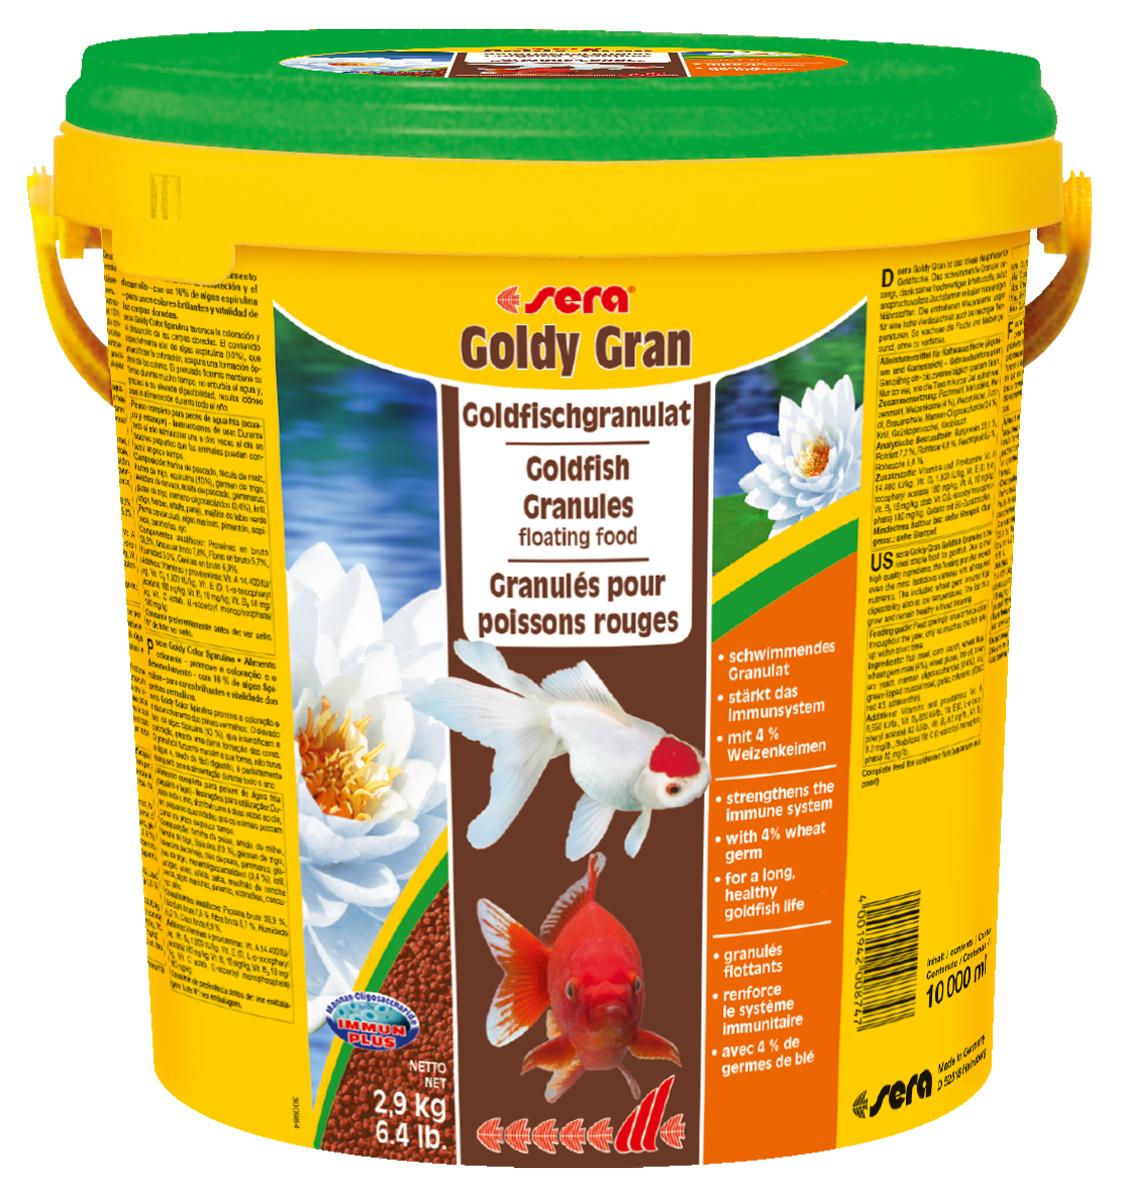 Корм для рыб Sera Goldy Gran, 10 л (2,9 кг)0874Комплексный корм для холодноводных рыб (аквариумных и прудовых) - идеальный основной корм для золотых рыбок. Плавающие гранулы корма, благодаря их высококачественным ингредиентам, обеспечивают всеми необходимыми питательными веществами даже самые привередливые виды рыб. Входящие в состав корма зародыши пшеницы гарантируют высокую усваиваемость корма, в том числе при низких температурах. Рыбы, таким образом, растут и остаются здоровыми без перекармливания. Инструкция по применению: Кормите небольшими порциями один-два раза в день, в течение всего года. Дозируйте такое количество корма, которое рыбы могут съесть в течение короткого периода времени. Ингредиенты: рыбная мука, кукурузный крахмал, пшеничная мука, пшеничные зародыши (4%), пшеничная клейковина, рыбий жир, пивные дрожжи, маннанолигосахариды (0,4%), криль, зеленые мидии, чеснок. Аналитический состав: Протеин 33,0%, Жиры 7,2%, Клетчатка 4,8%, Влажность 5,4%, Зольные вещества 5,8%. Содержание добавок: Витамины и провитамины: Вит....